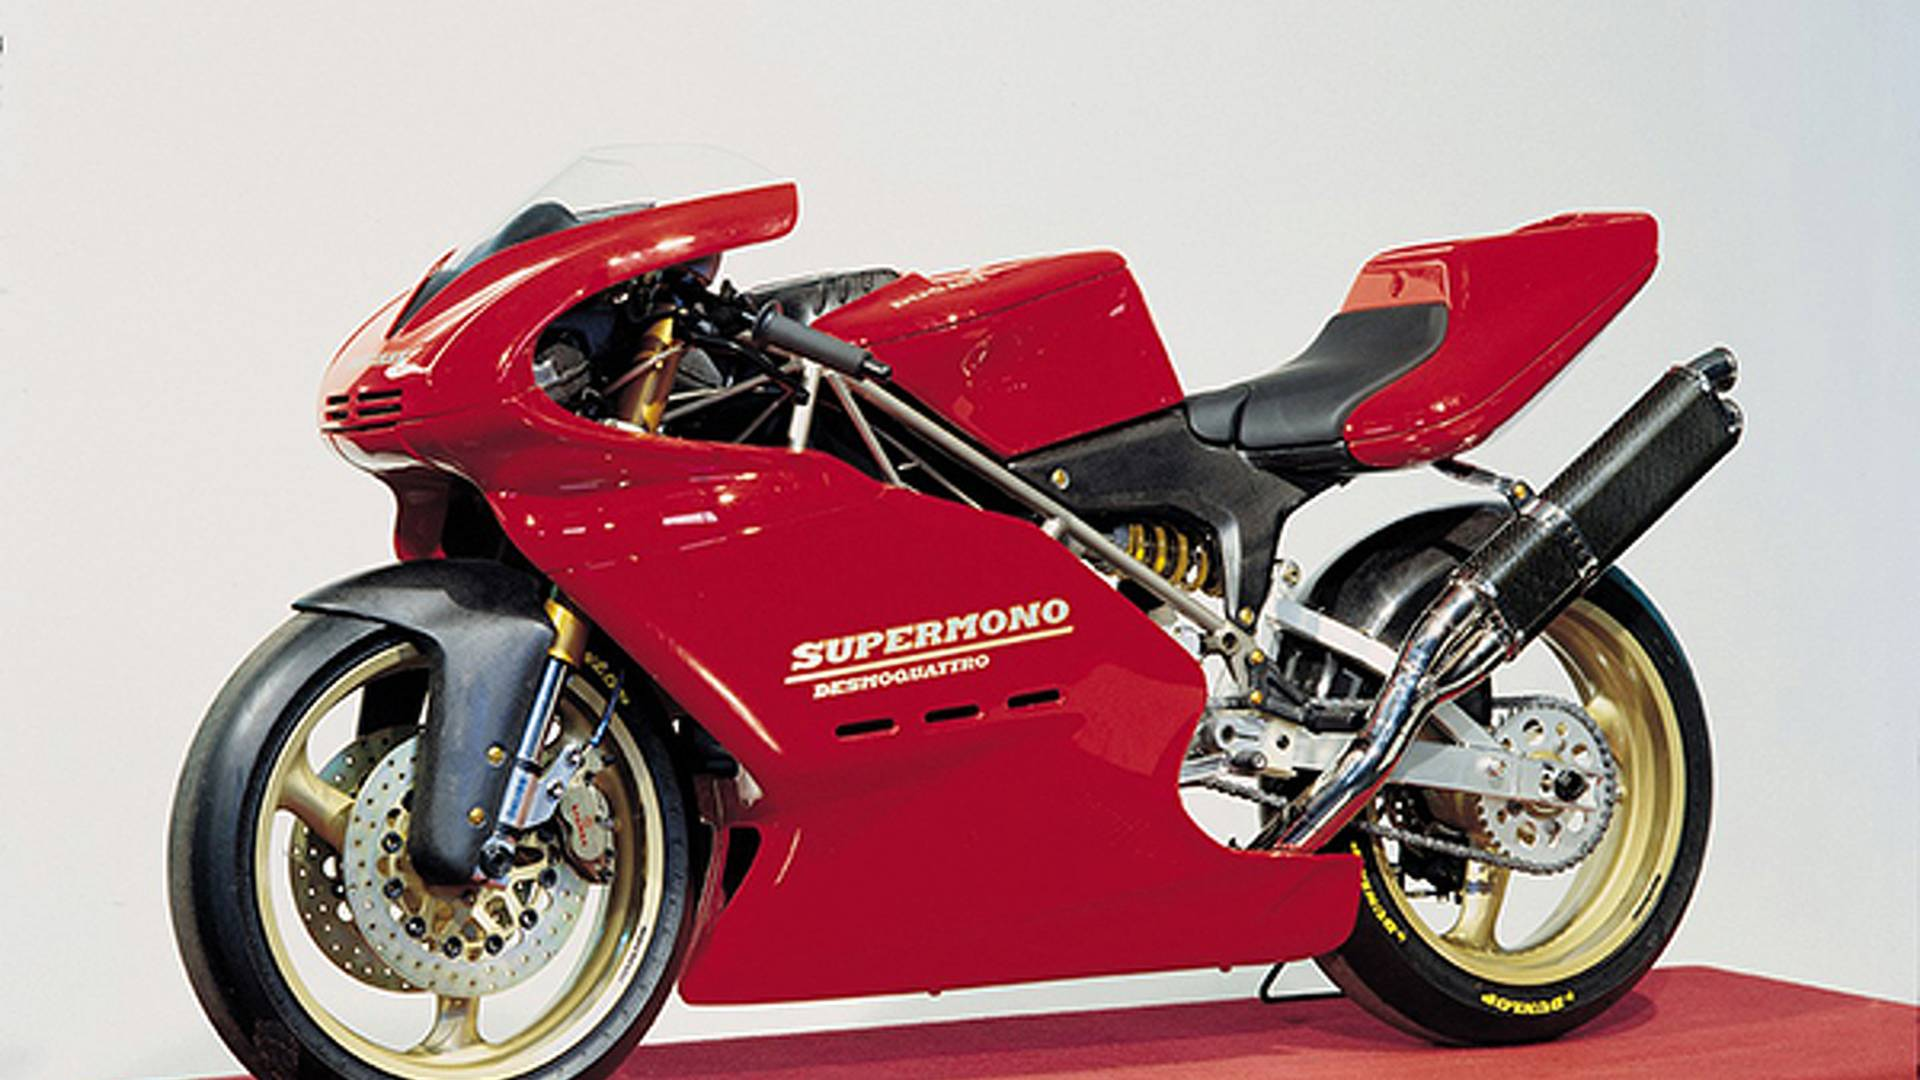 for-sale-ducati-supermono-just-150000.jp